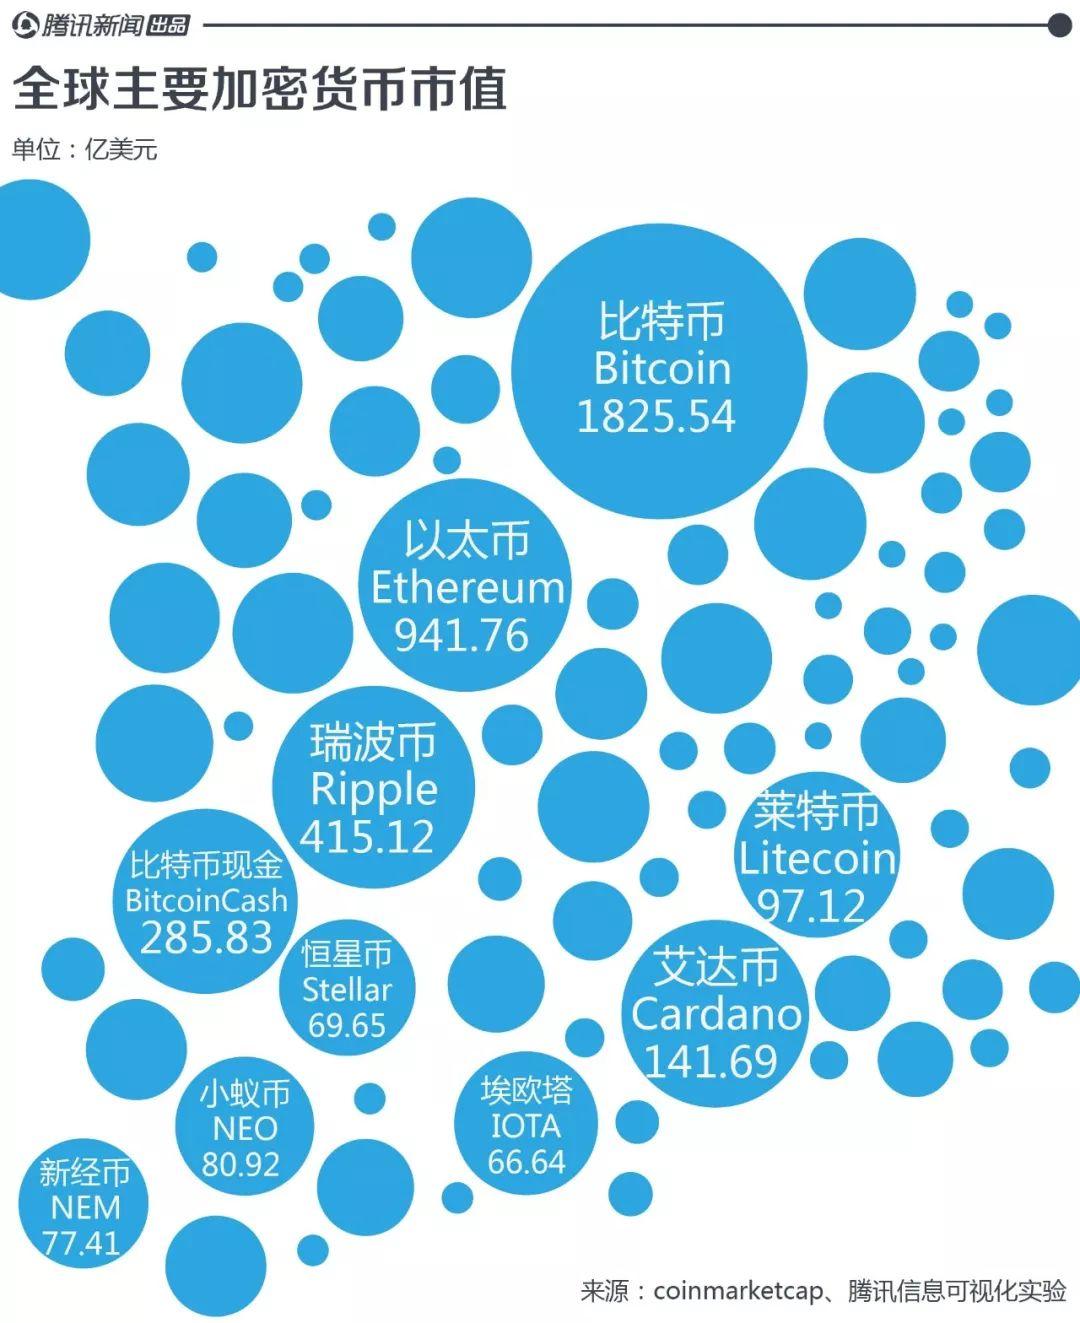 比特币崩盘背后:全球加密货币已经有1400多种!-金融微周刊